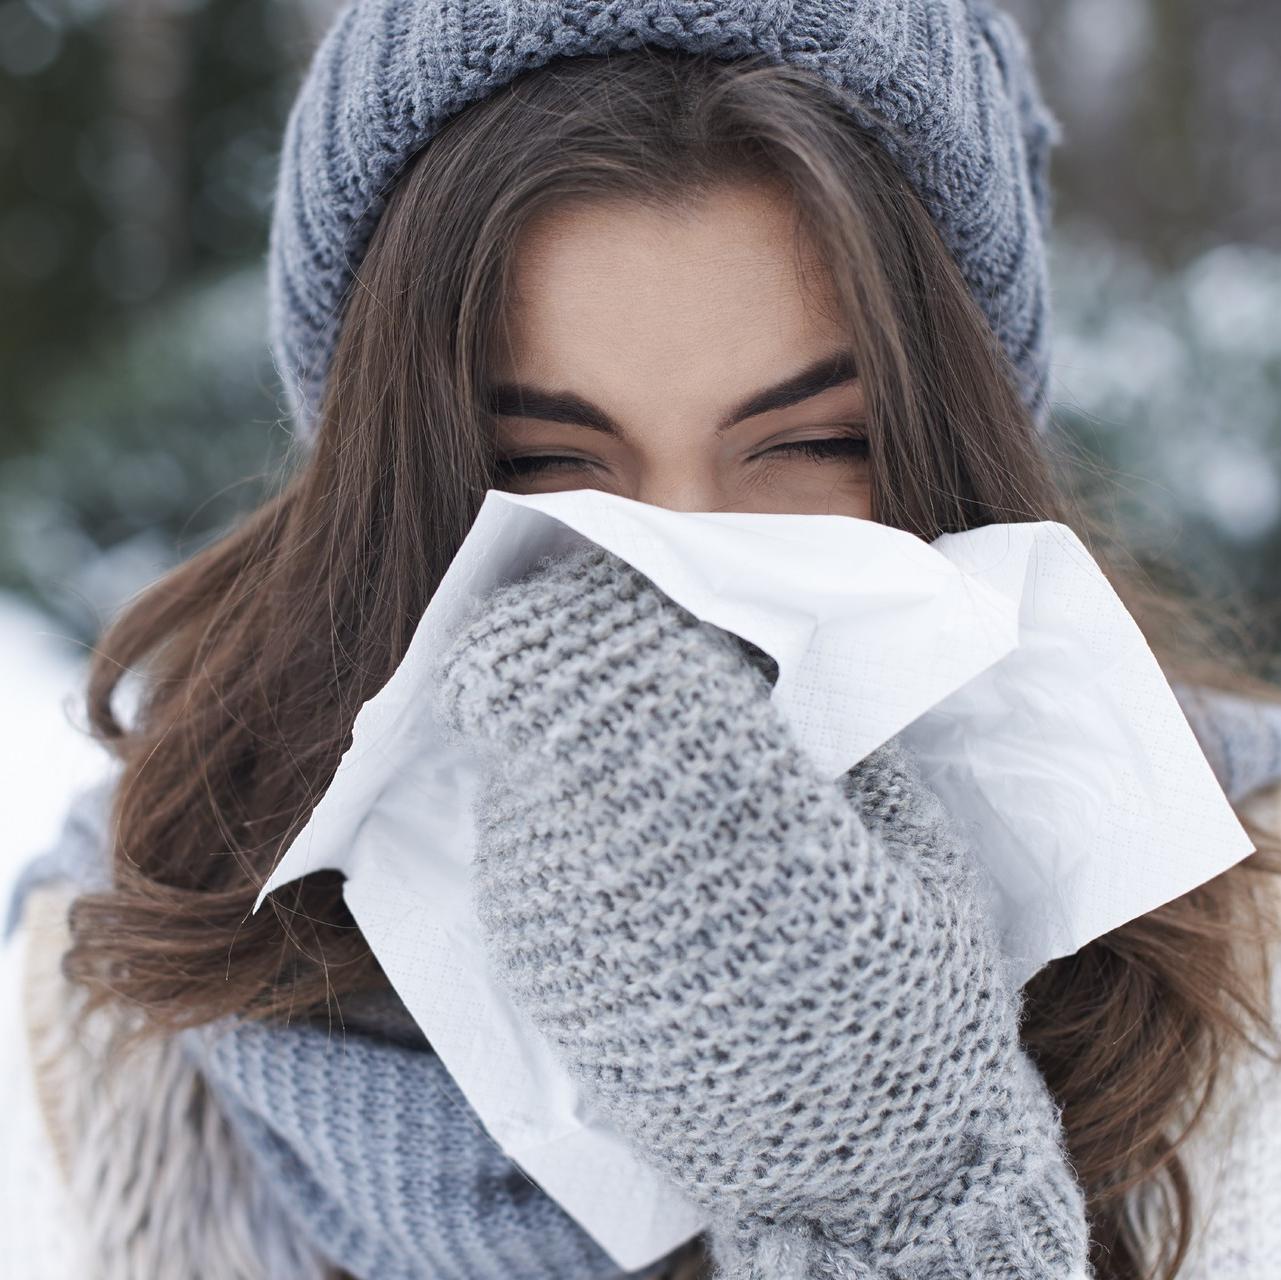 Virus saisonniers de l'hiver : les gestes simples pour éviter la contamination